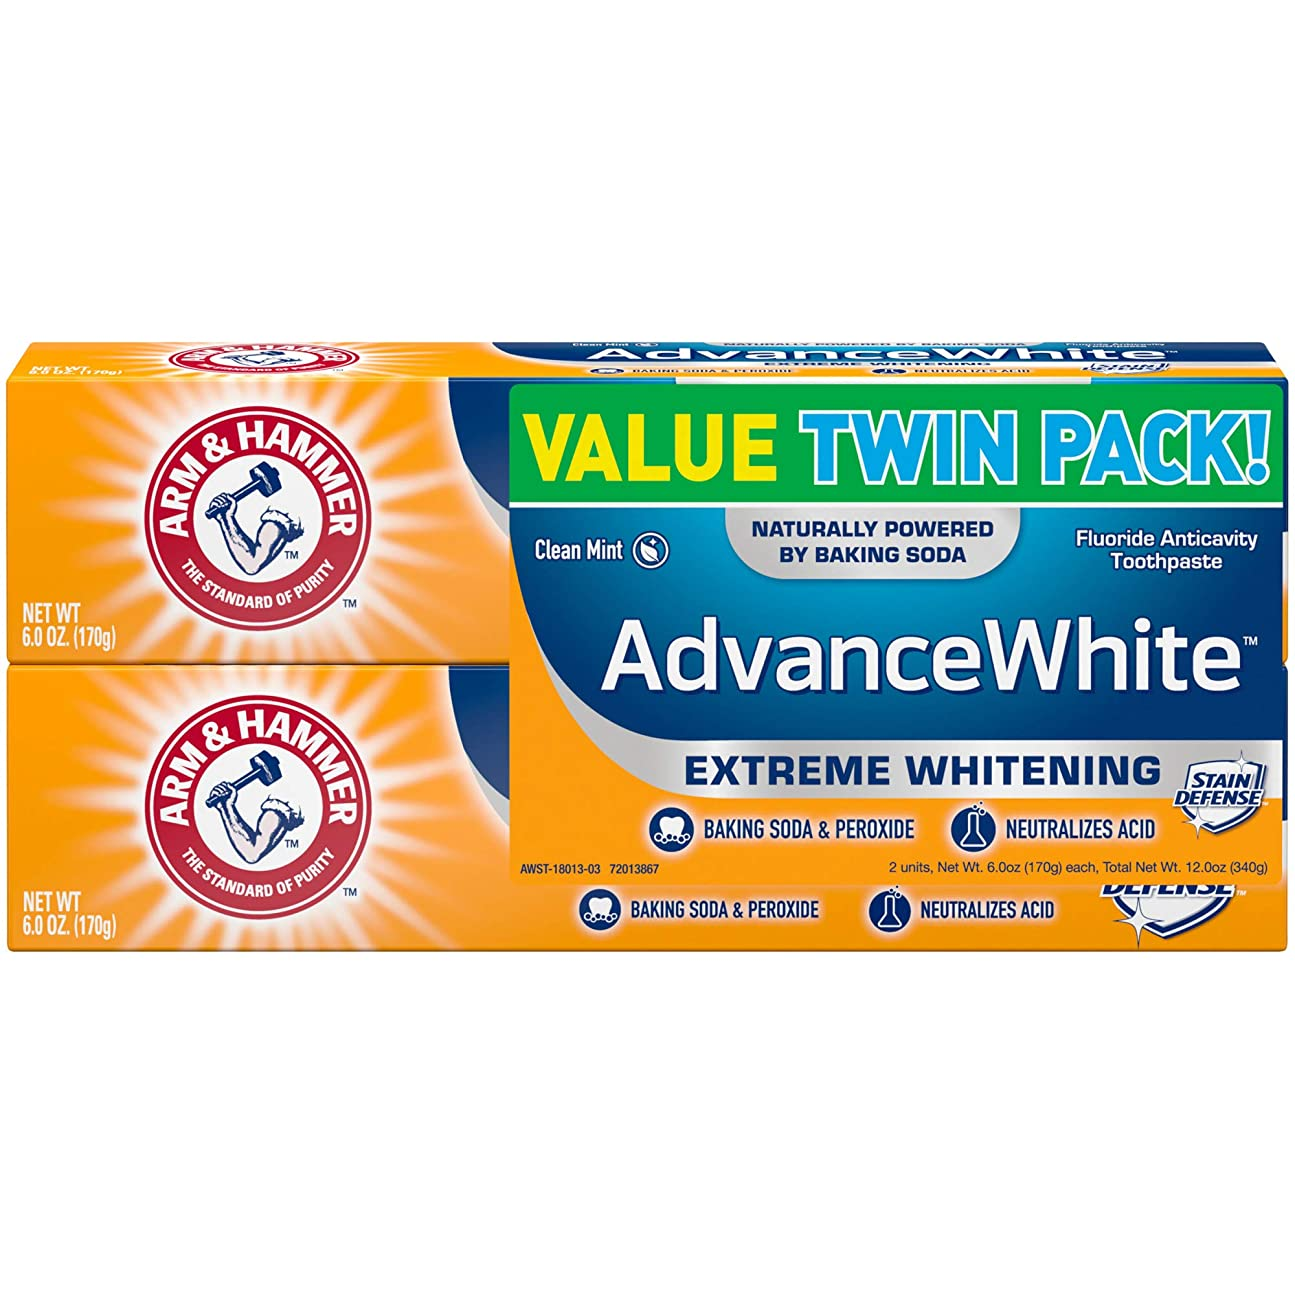 レギュラーめ言葉アレルギー性Arm & Hammer アーム&ハマー アドバンス ホワイト 歯磨き粉 2個パック Toothpaste with Baking Soda & Peroxide